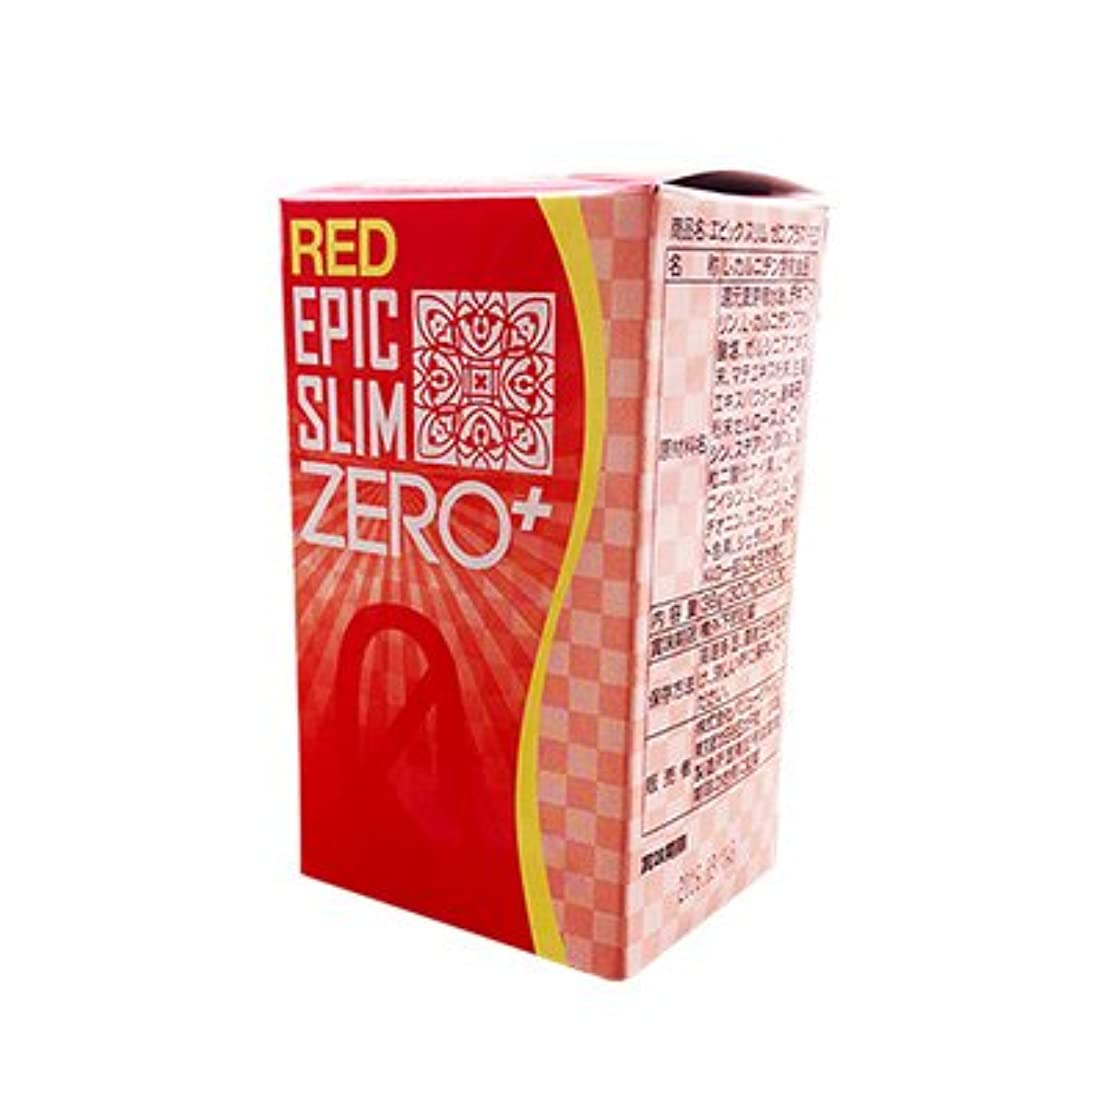 予知舗装ジャーナリストレッド エピックスリム ゼロ レッド Epic Slim ZERO RED